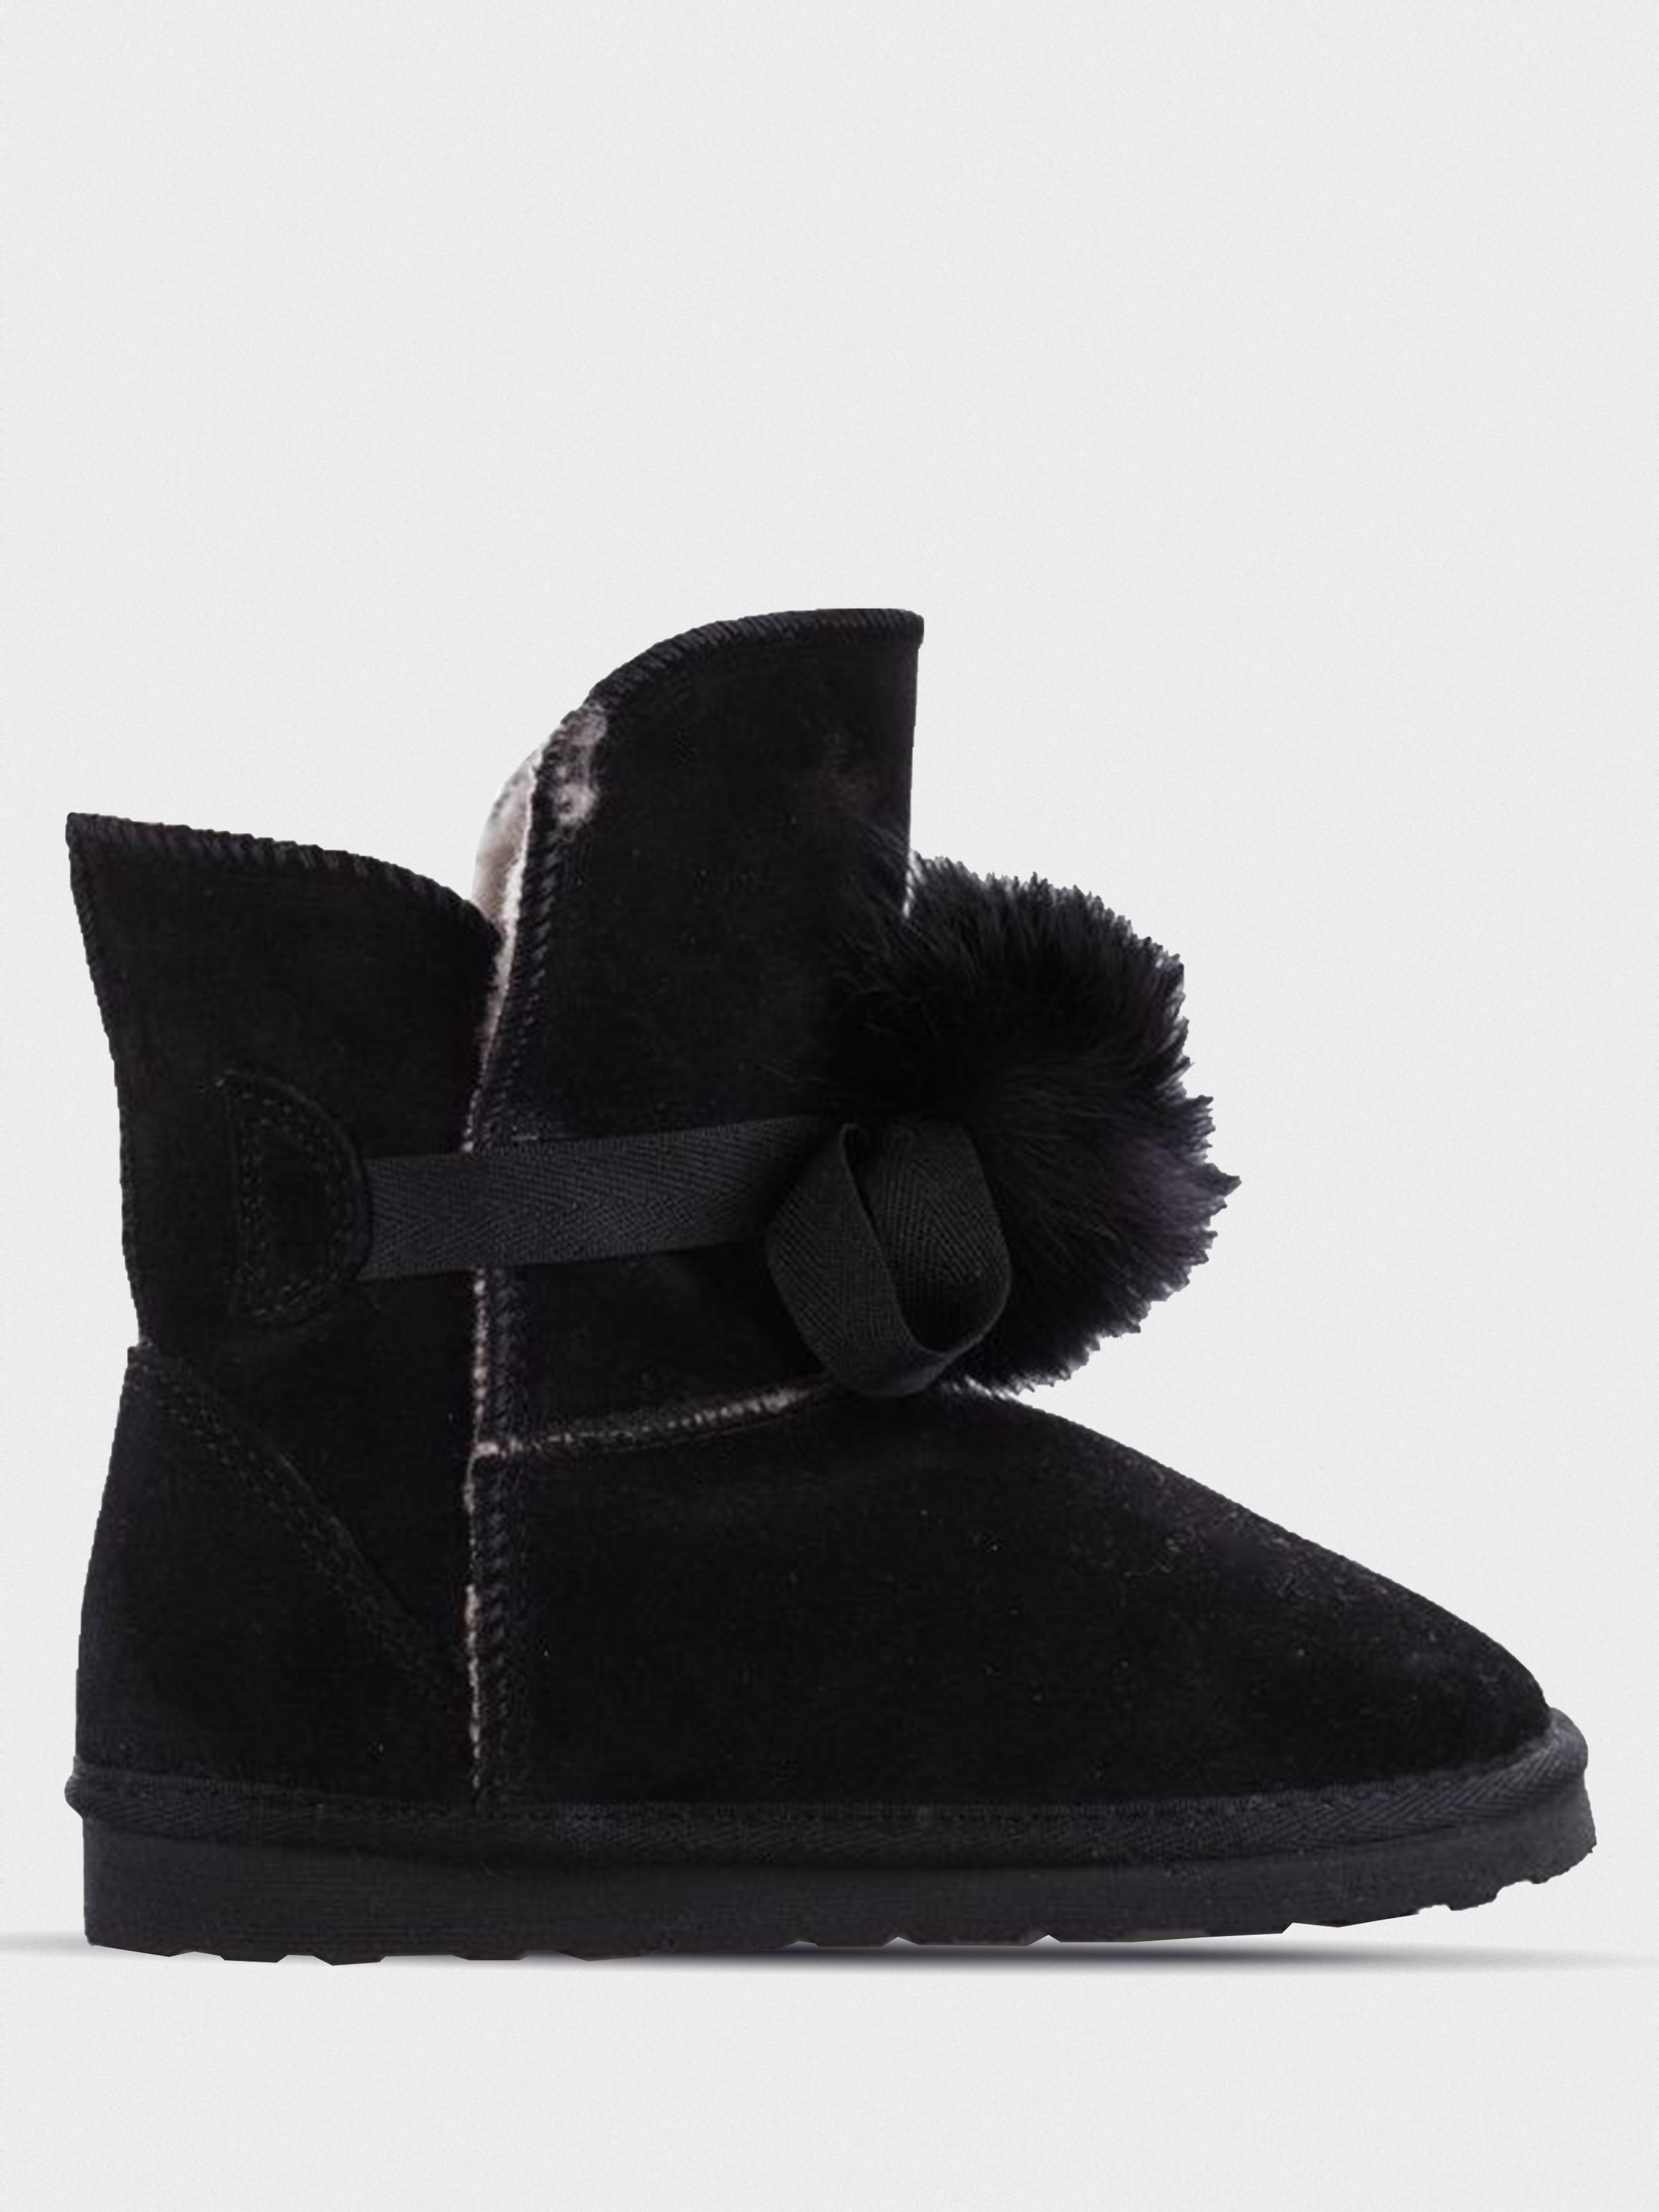 Купить Ботинки для детей Braska Inblu 2V6, Черный